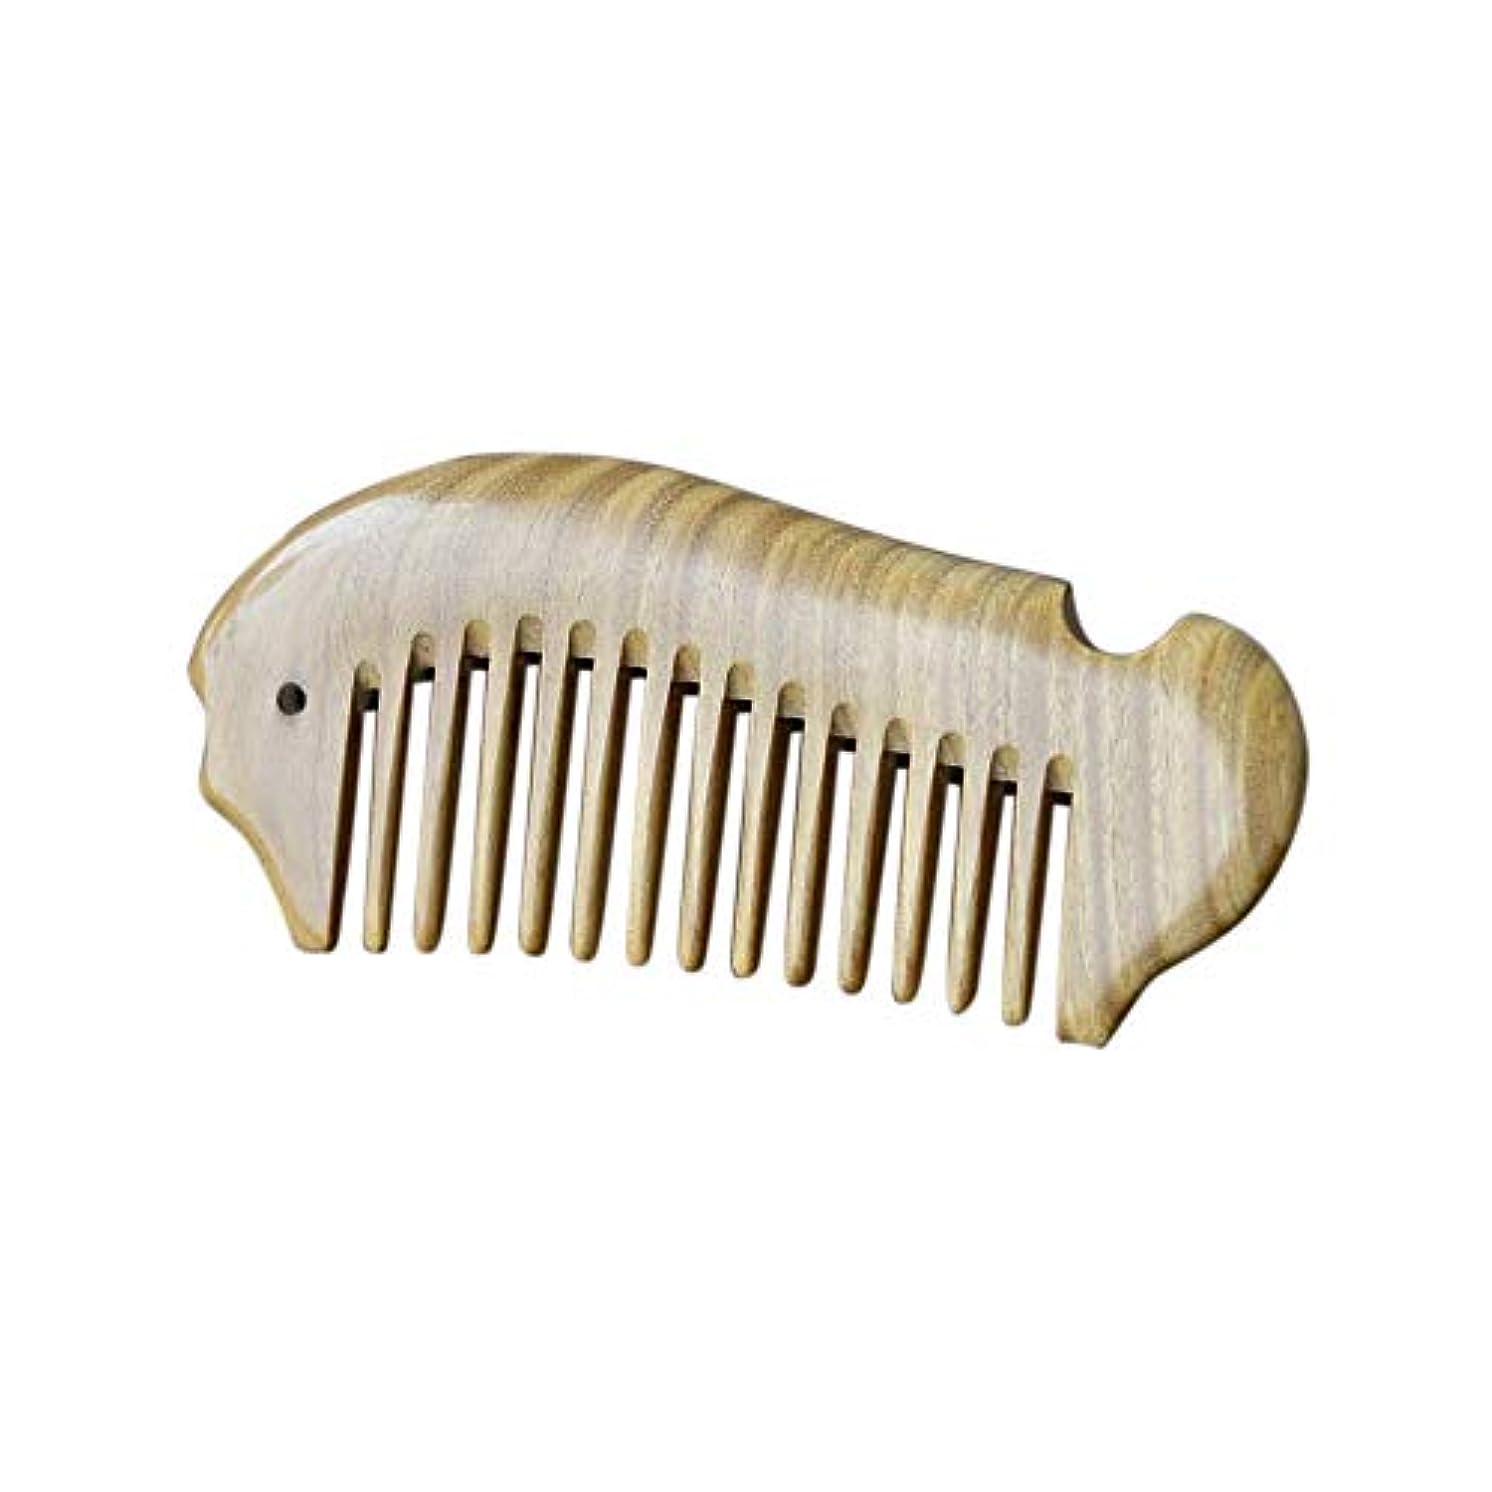 比類なきビジュアル贅沢新しい木製のくしグリーンサンダルウッドくし魚の形の手作り帯電防止ヘアブラシ ヘアケア (色 : Wide tooth)